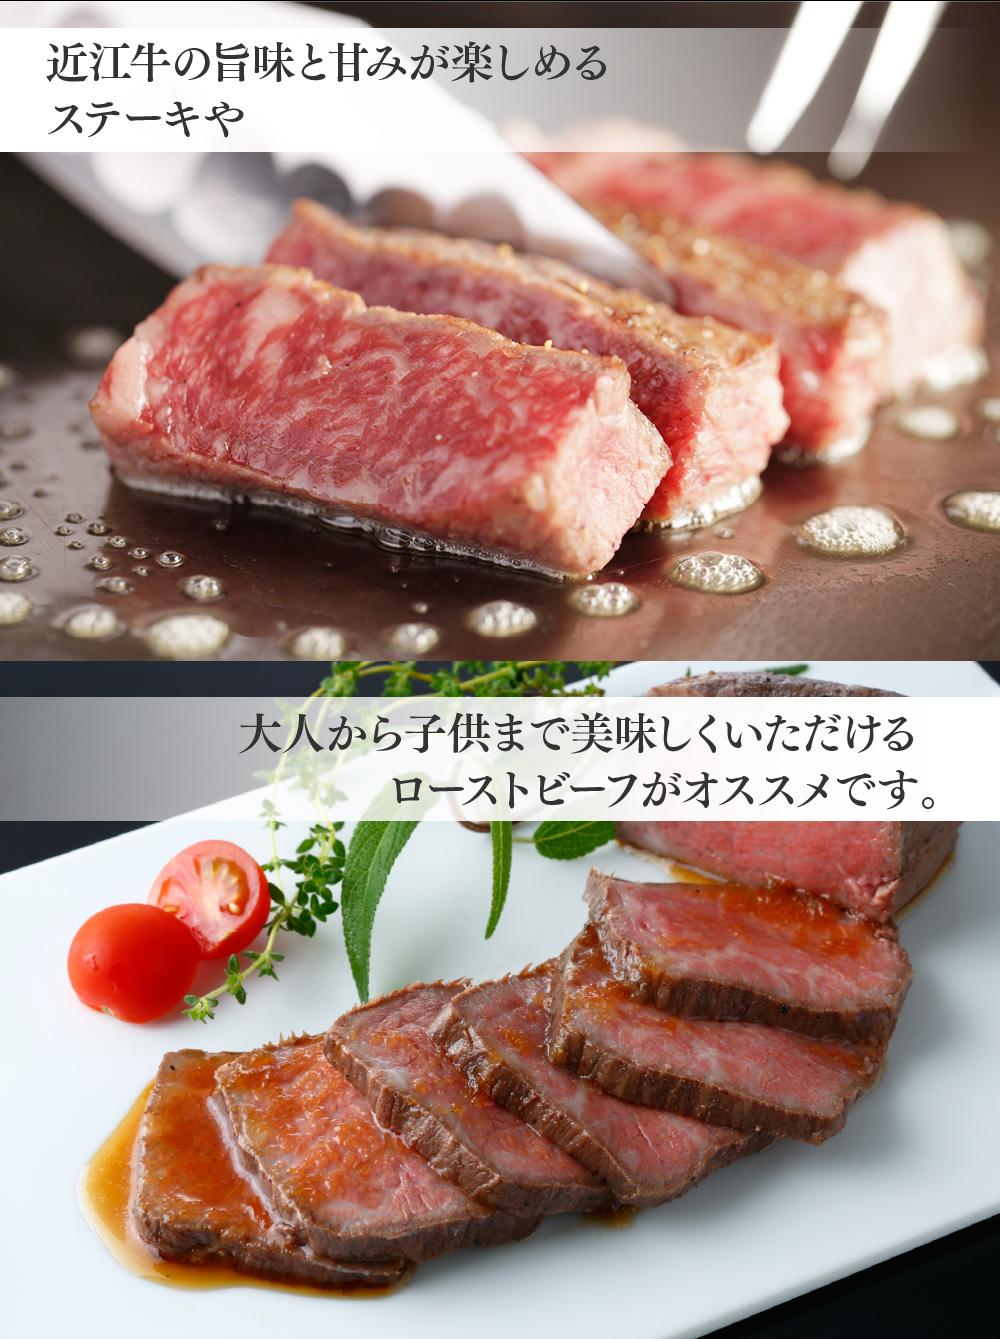 近江牛の旨味と甘みが楽しめるステーキや大人から子供まで美味しくいただけるローストビーフがオススメです。